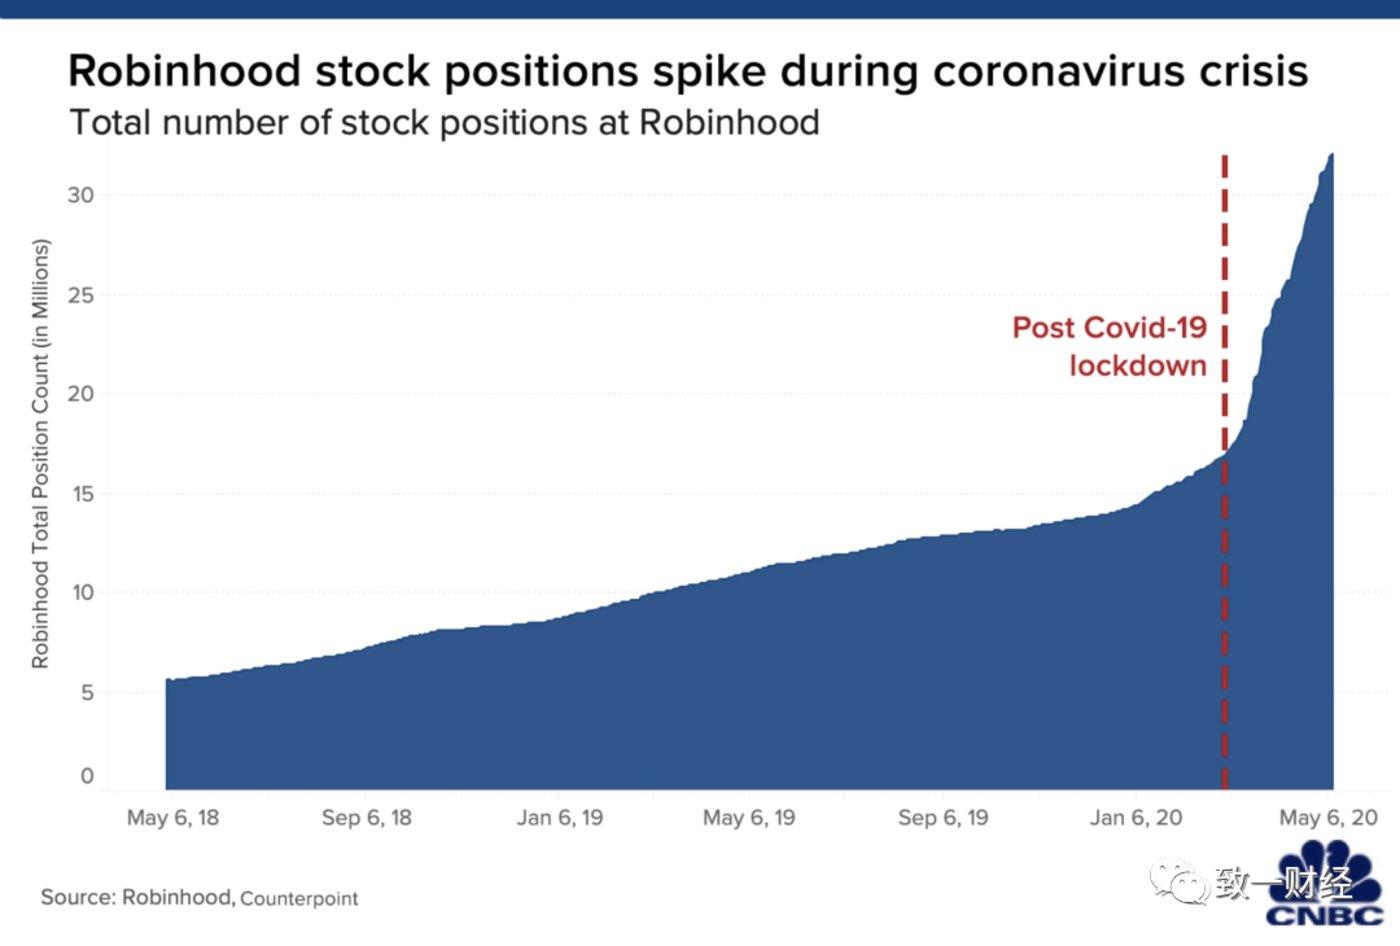 图:Robinhood客户股票持仓疫情之后翻了三倍